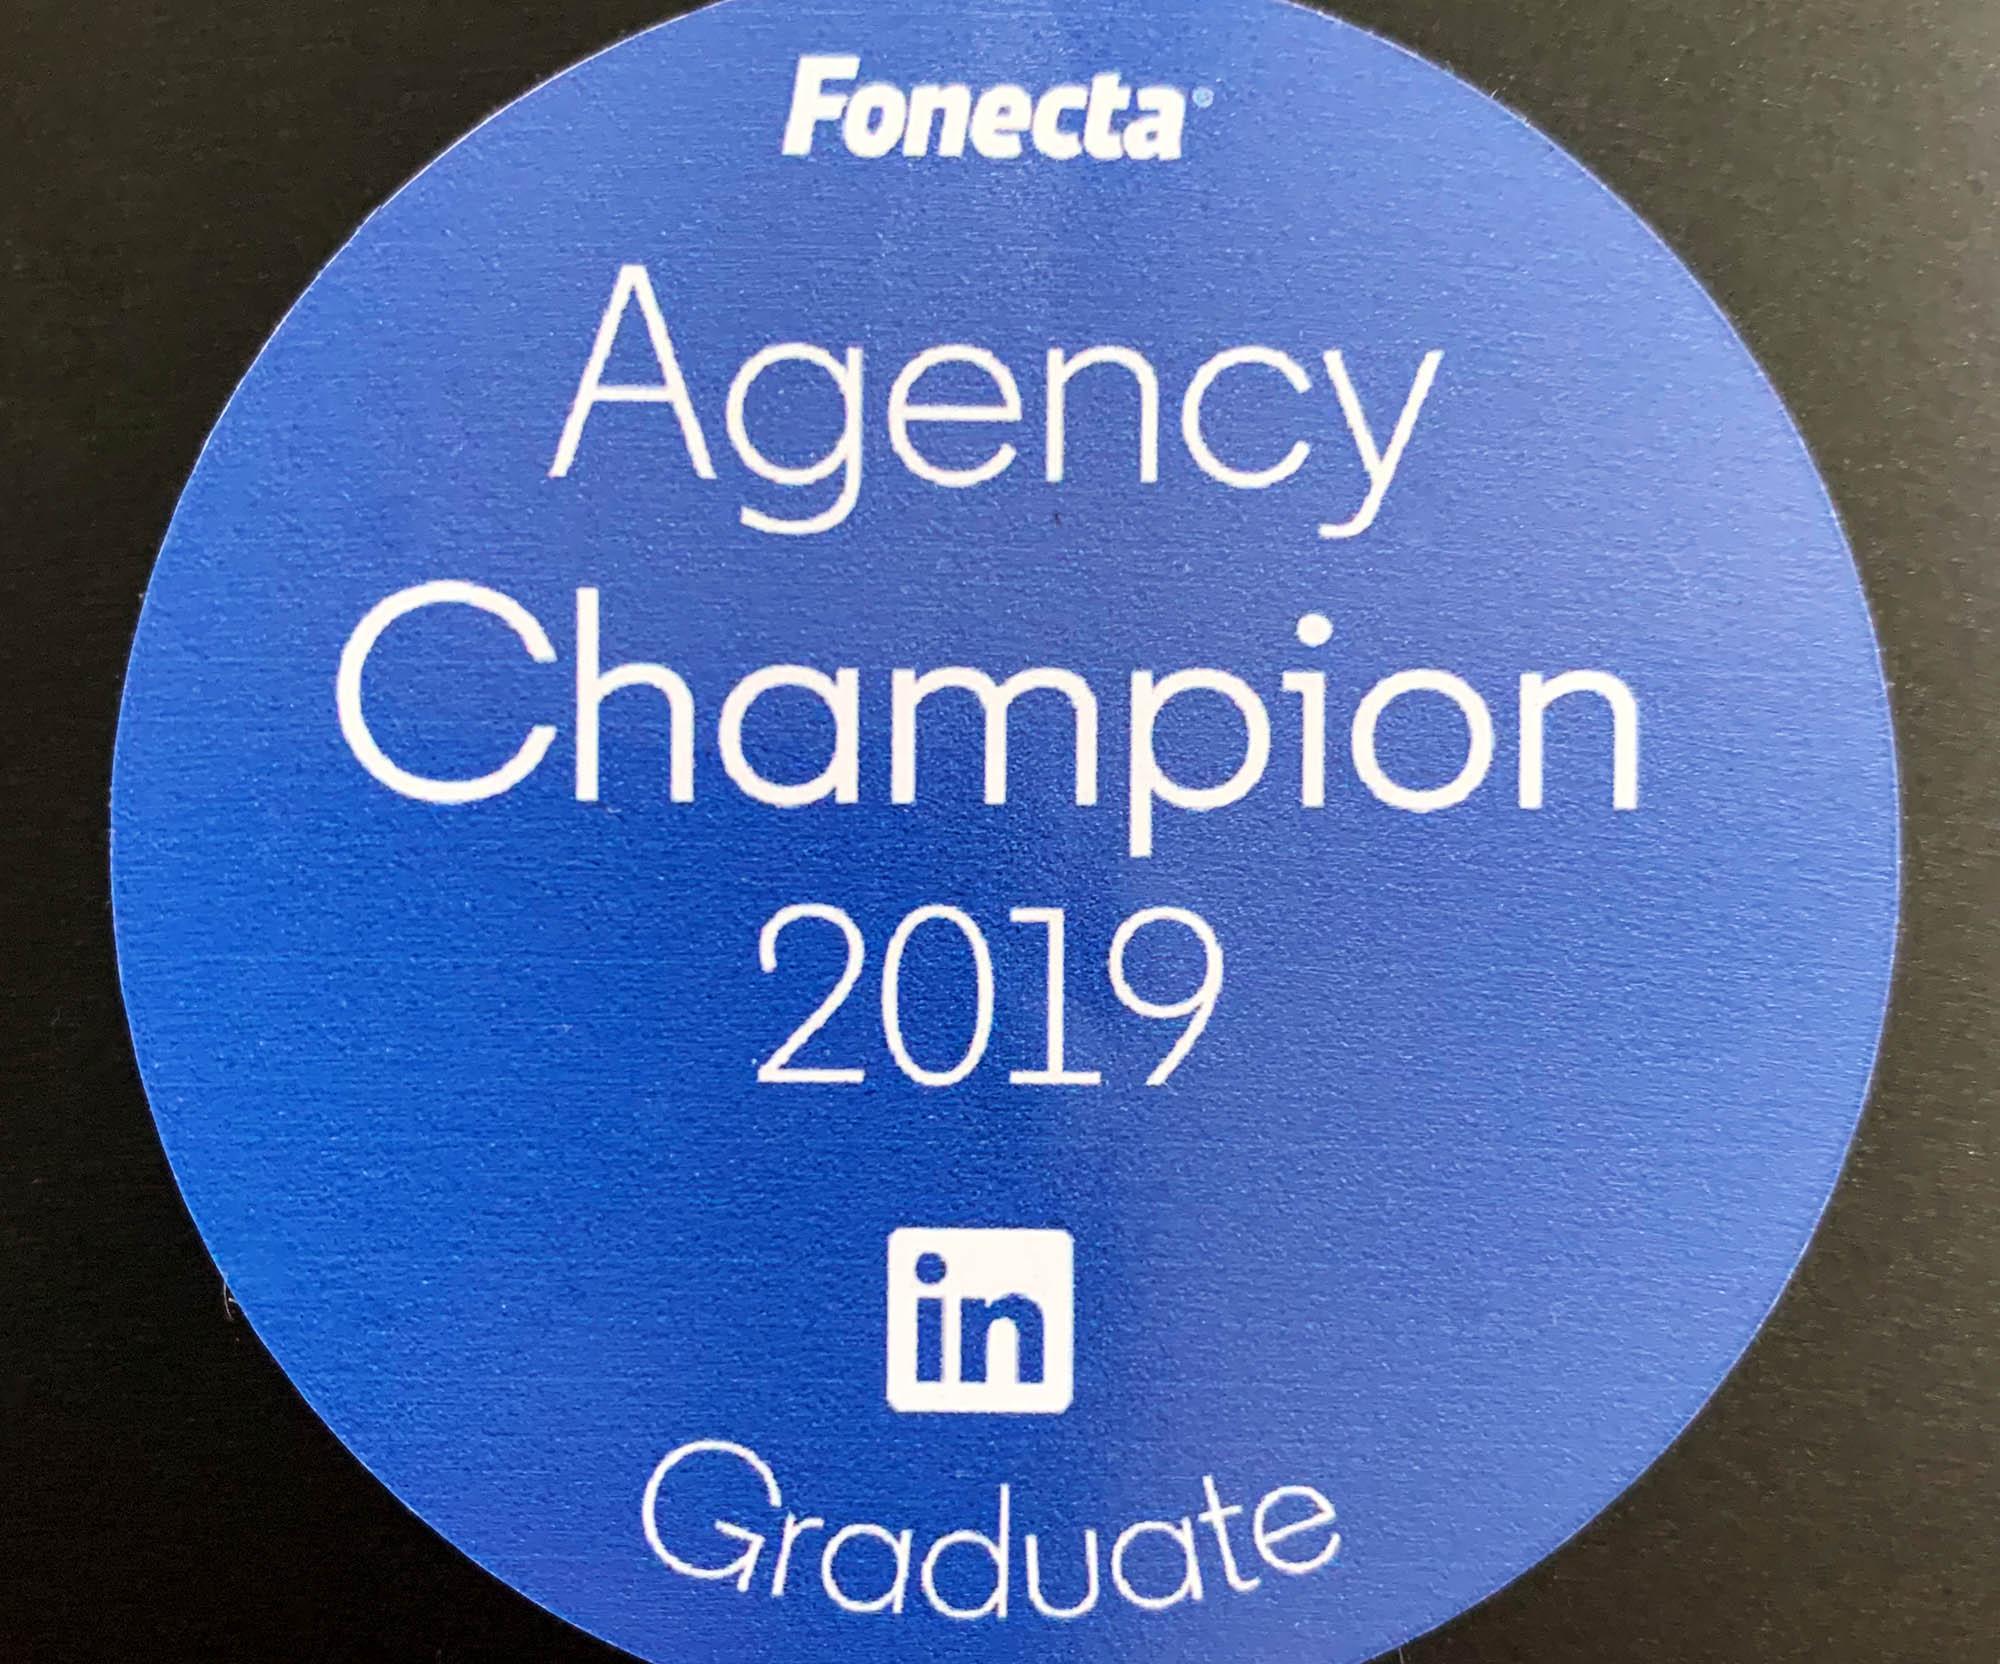 iProspect - Suomen LinkedIn Agency Champion vuosimallia 2019